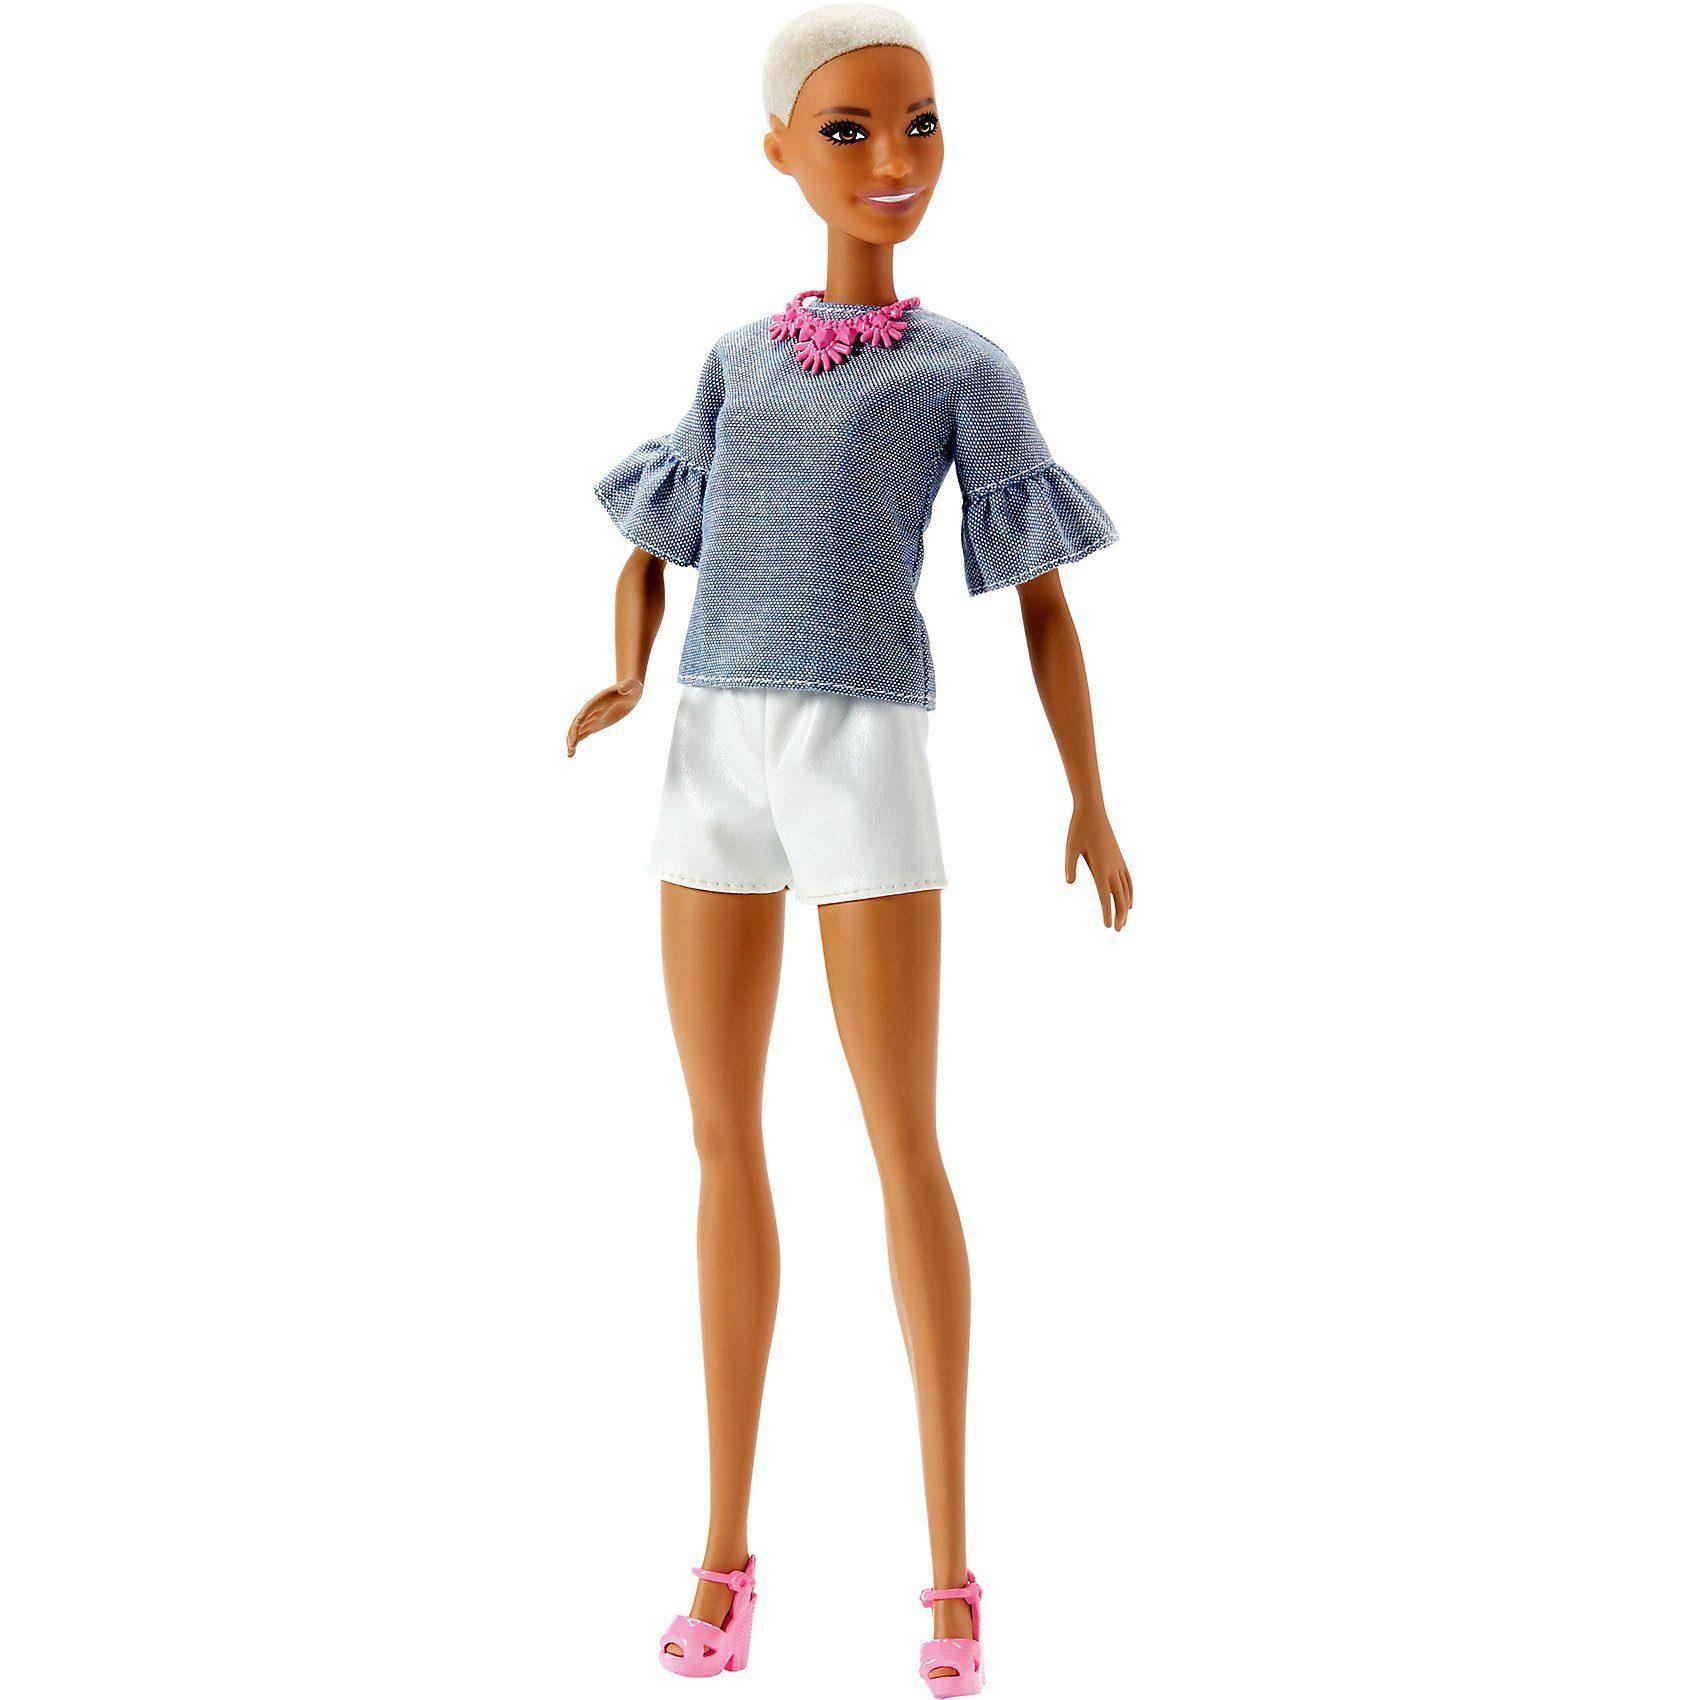 Mattel® Barbie Fashionista Puppe mit Buzz Cut und weißer Shorts